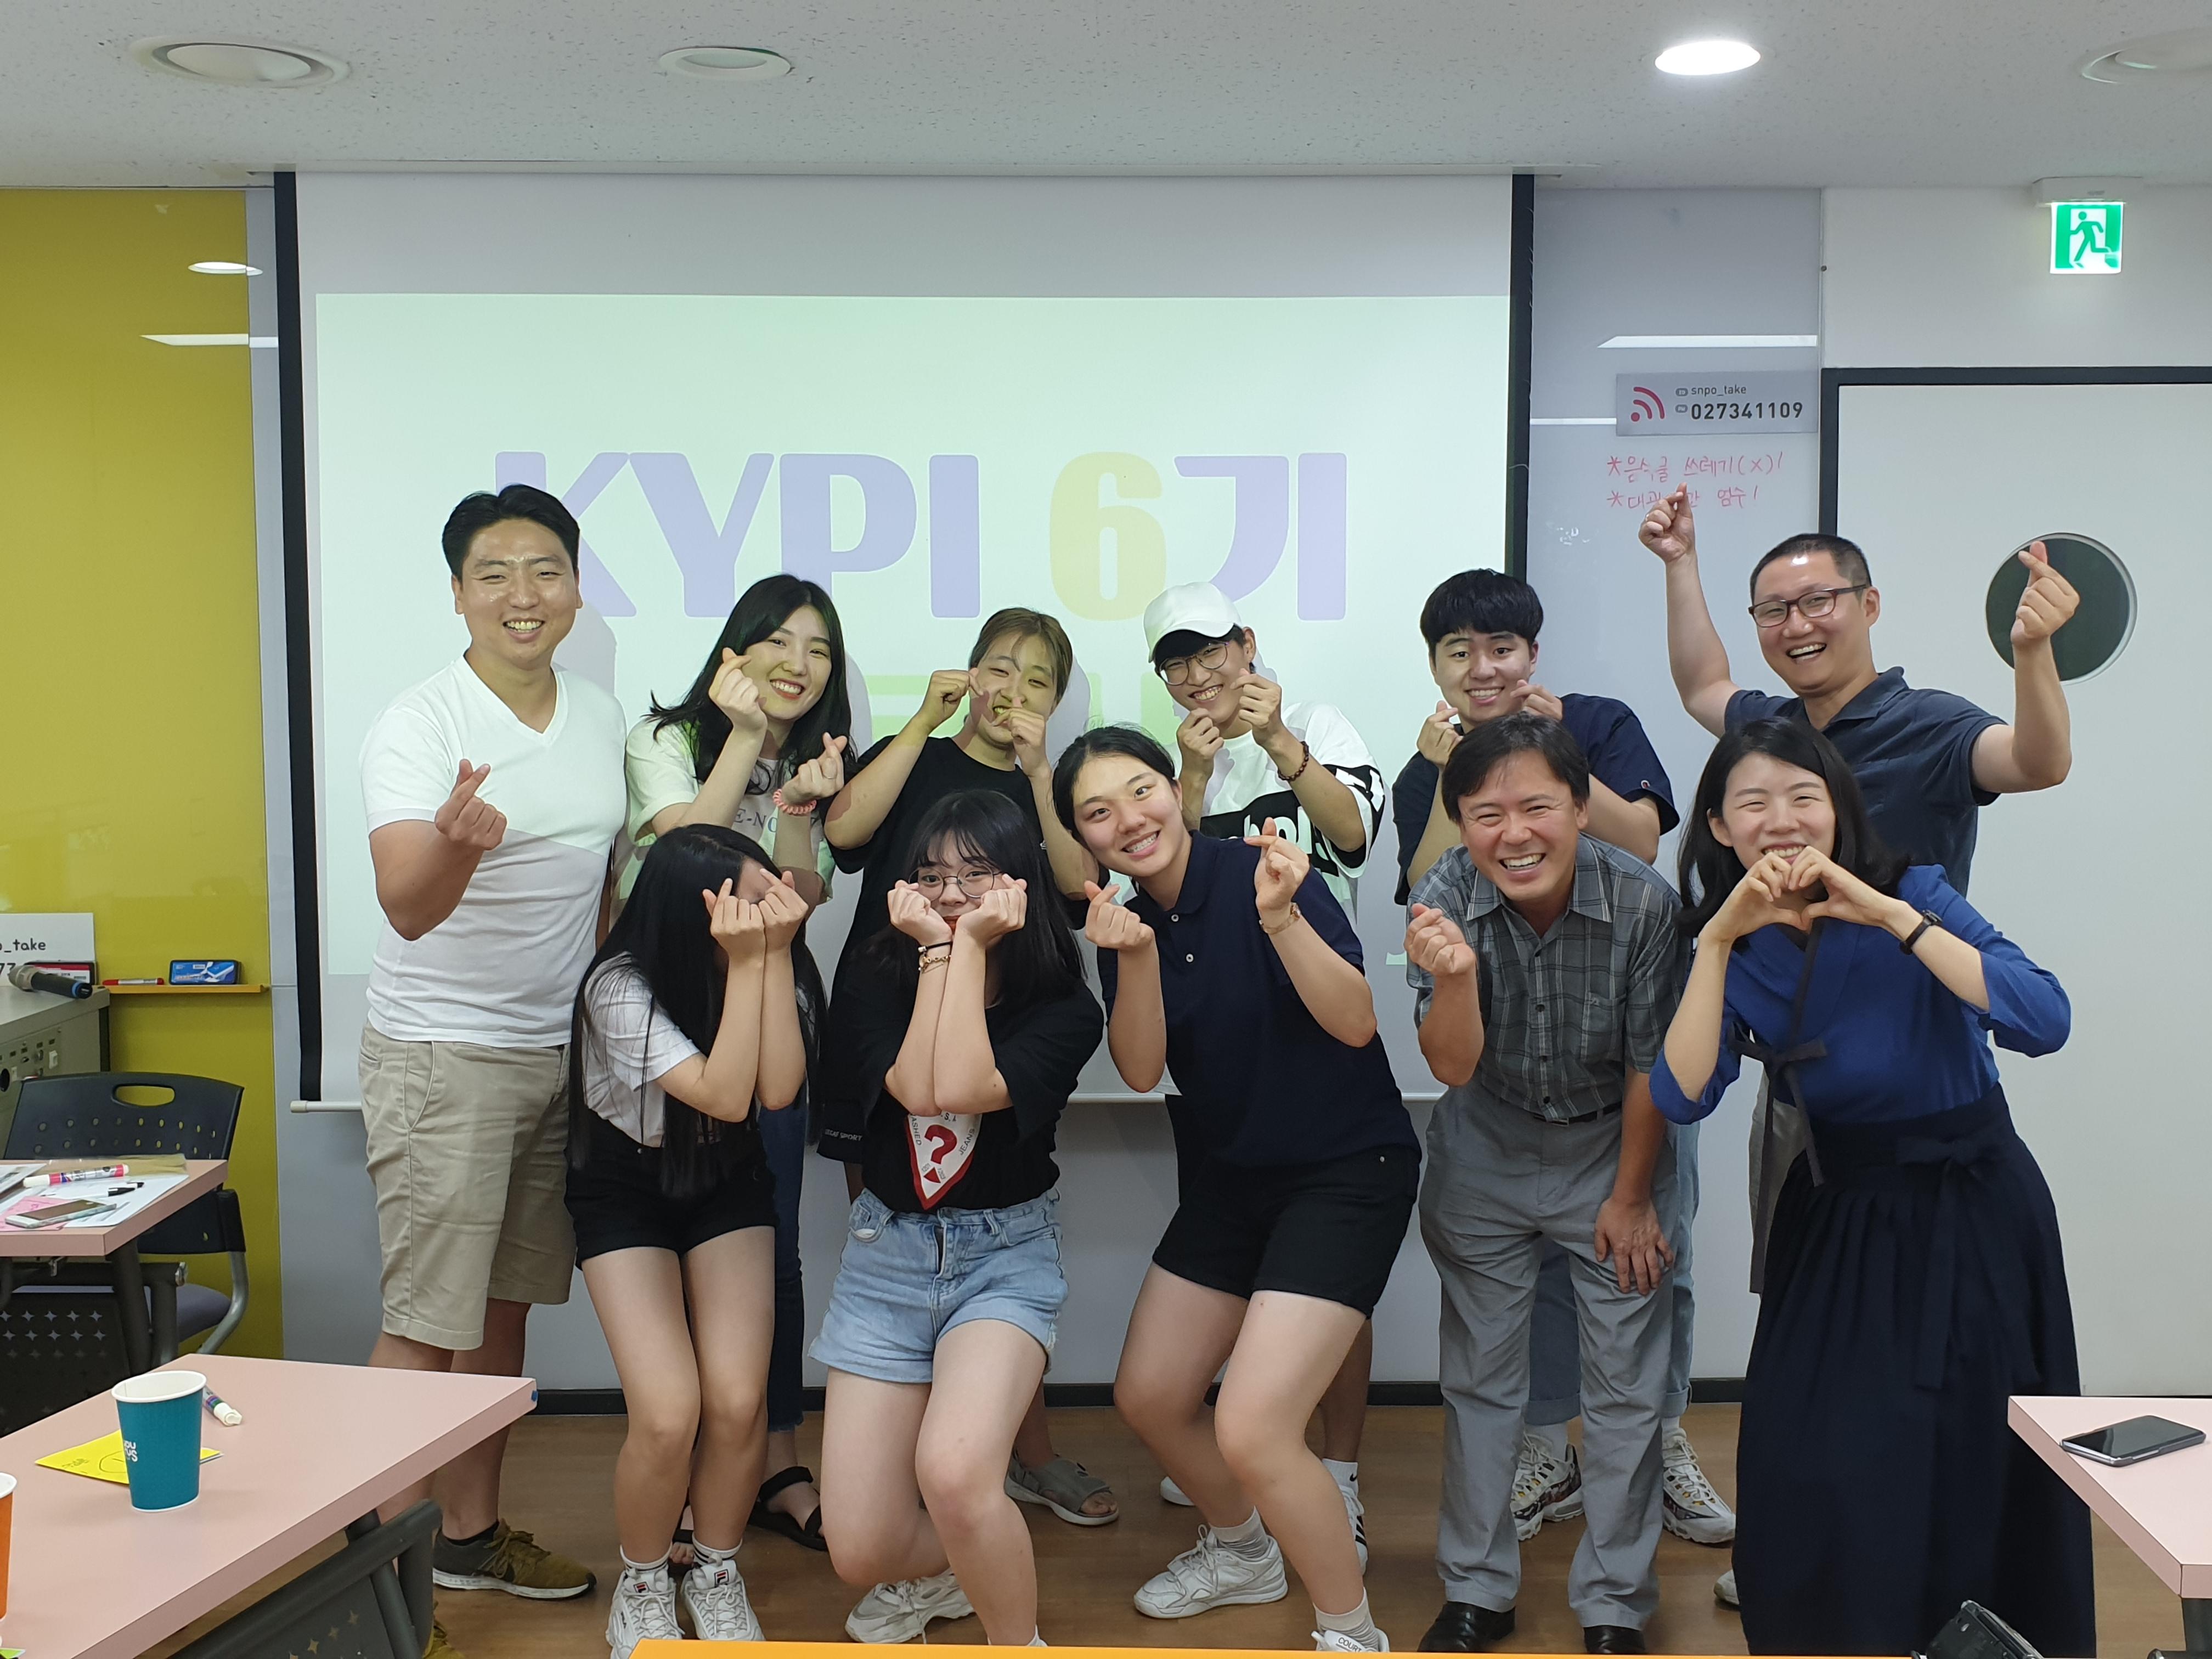 KYPI 6기 수료식 단체사진 (1)